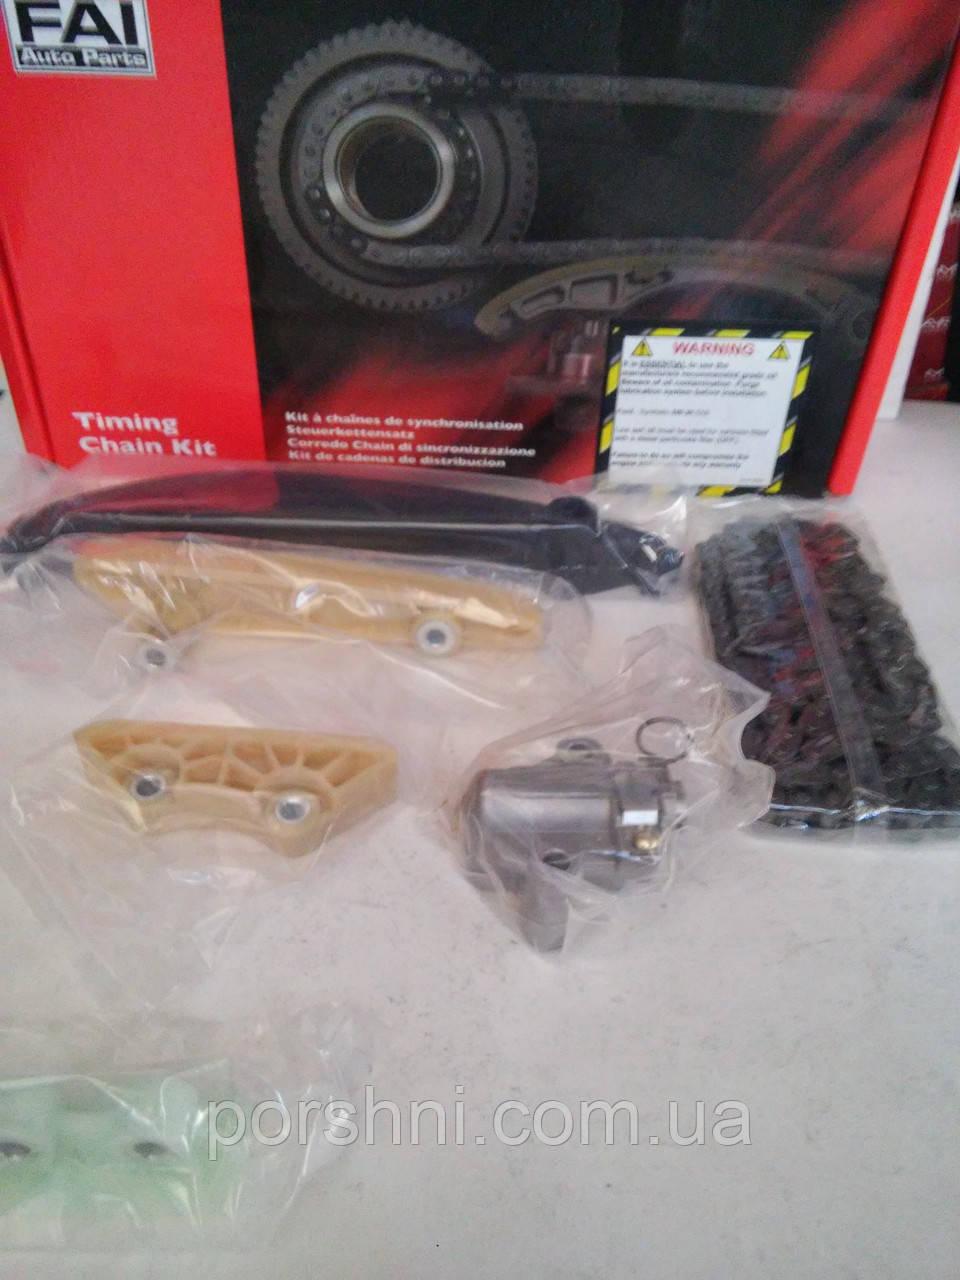 Цепь  двигателя + успокоитель + натяжитель Ford Тransit 2.4 DI  V347  2006 >  FAI   TCK138WO